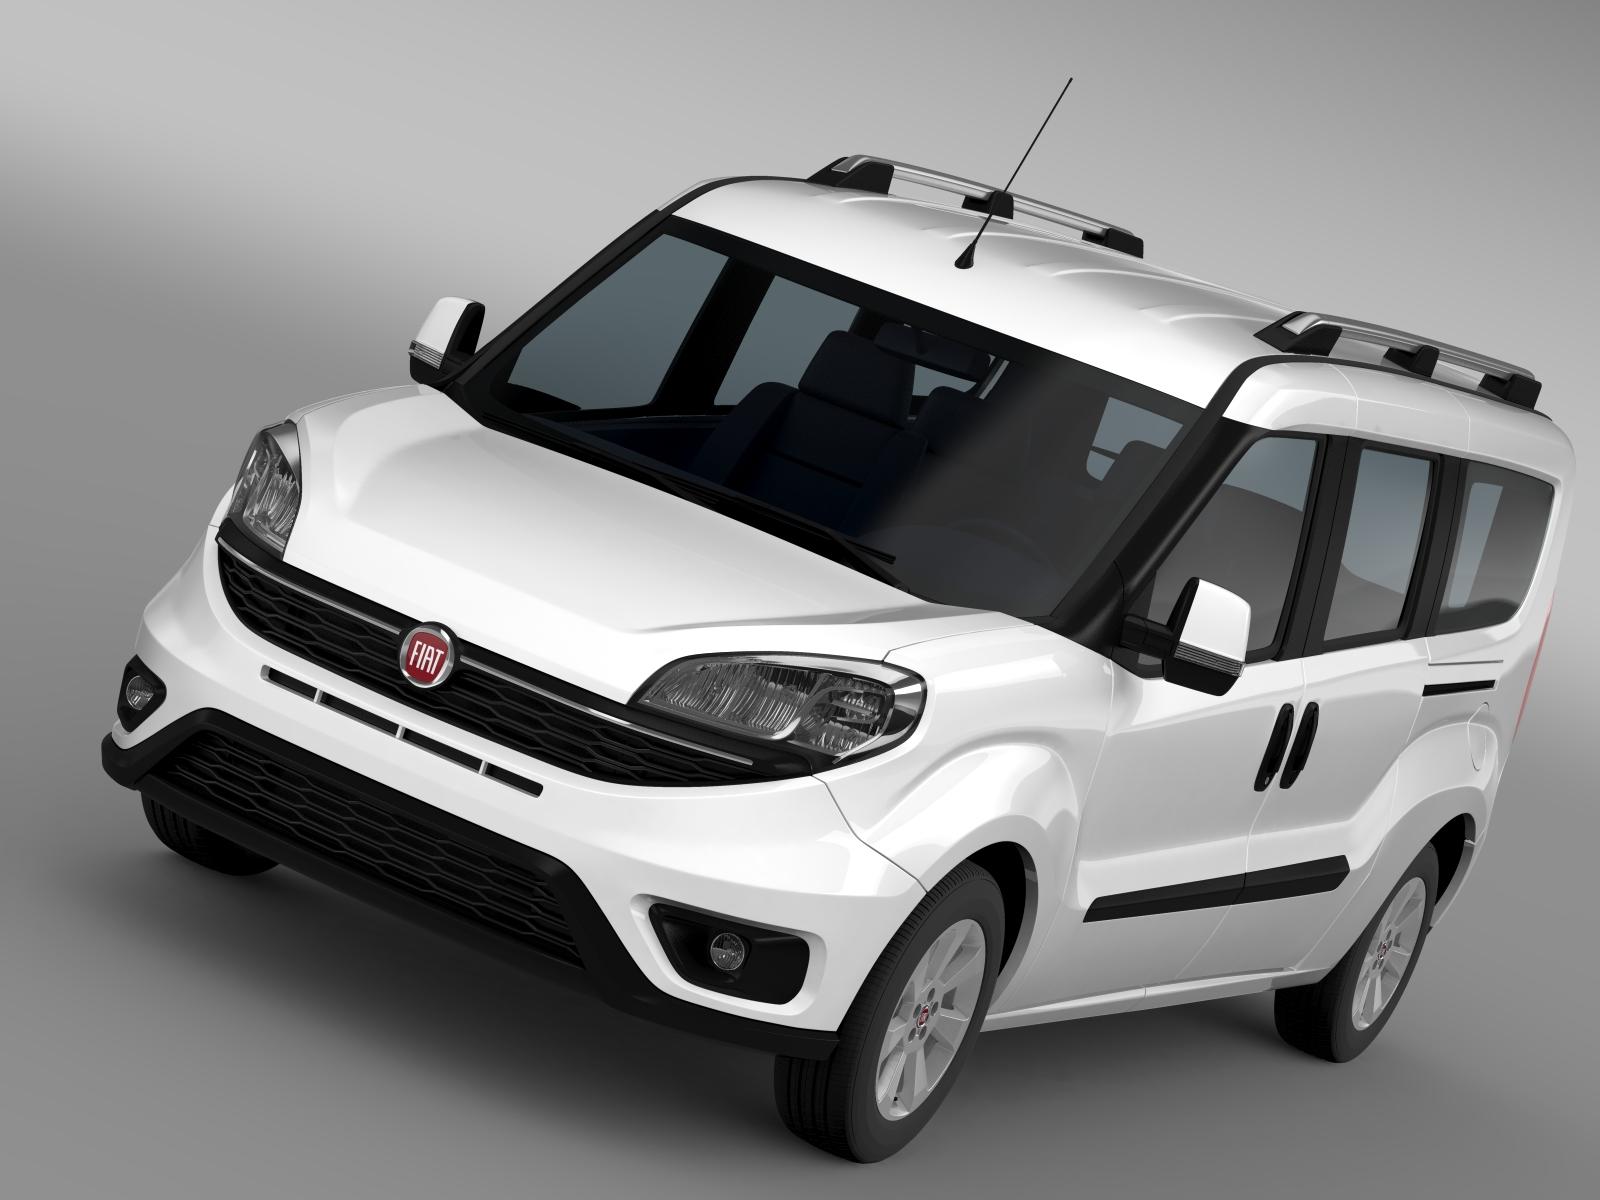 Fiat डब्लो मैक्सी (152) 2015 3d मॉडल 3ds अधिकतम fbx c4d lwo ma mb hrc xsi obj 210374